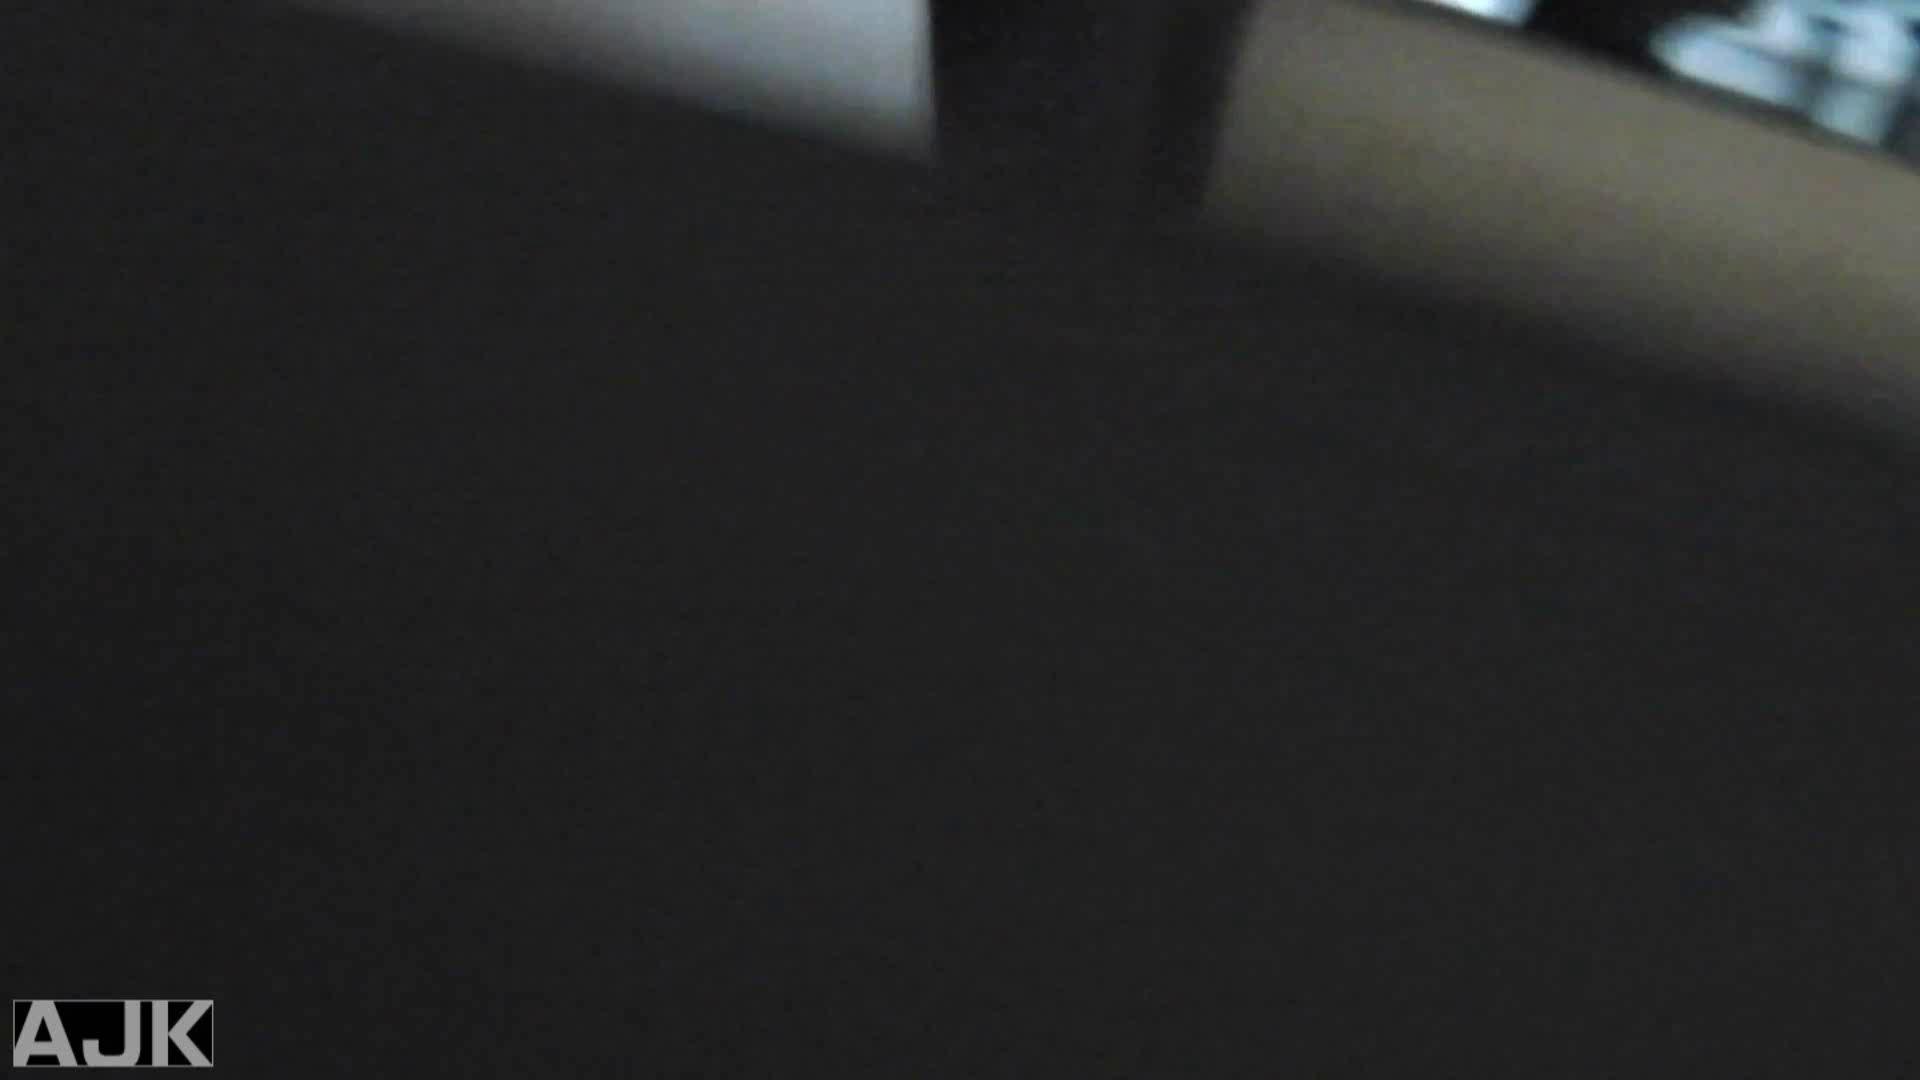 隣国上階級エリアの令嬢たちが集うデパートお手洗い Vol.25 オマンコ大好き ワレメ無修正動画無料 105画像 94